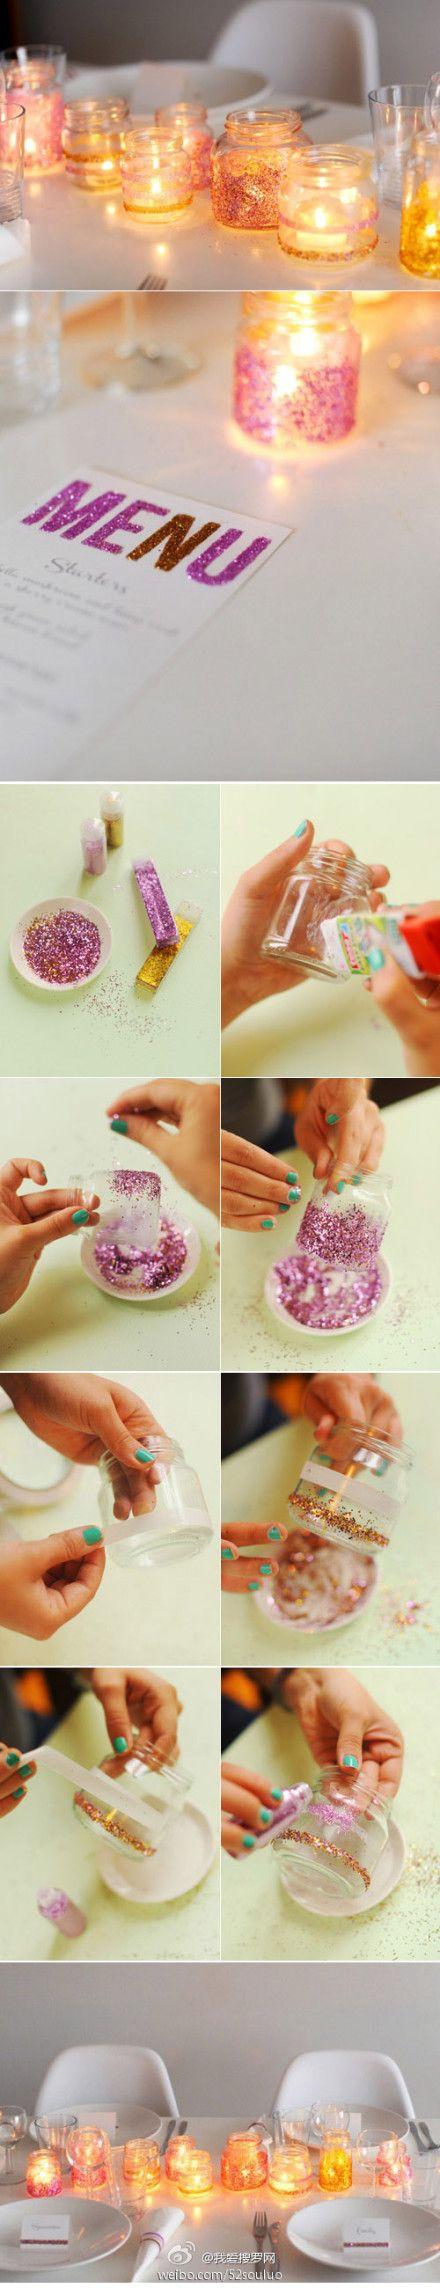 Fairys in a Jar